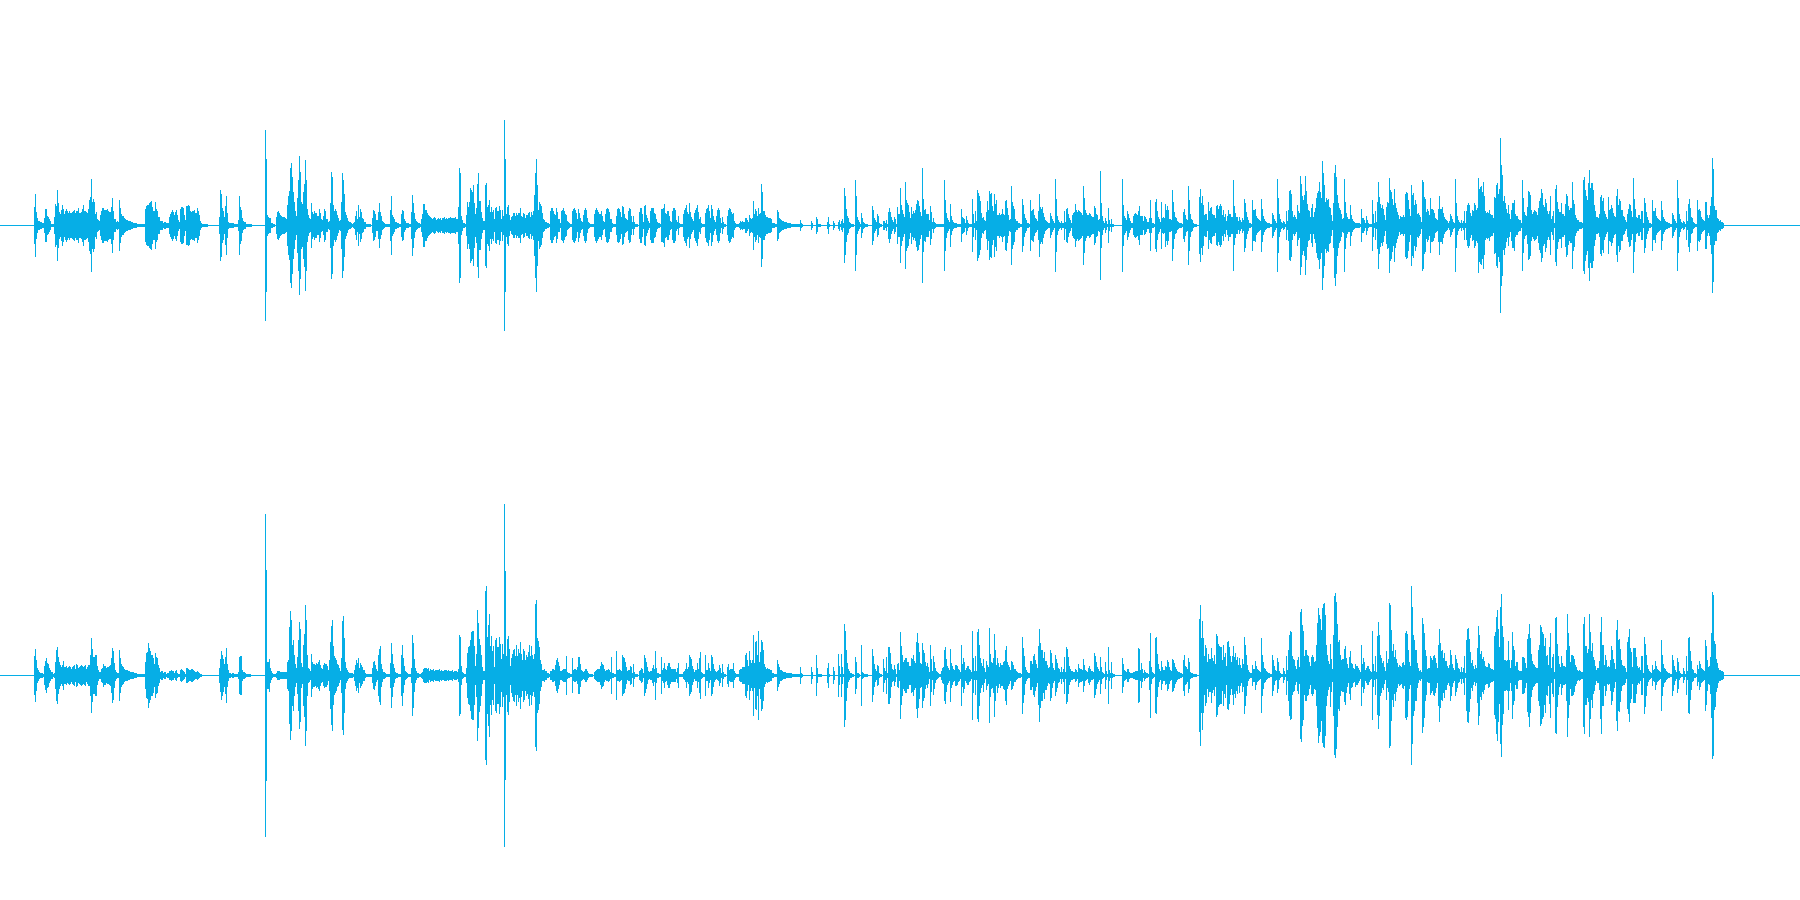 わくわく謎めいた不思議なオーケストラの曲の再生済みの波形